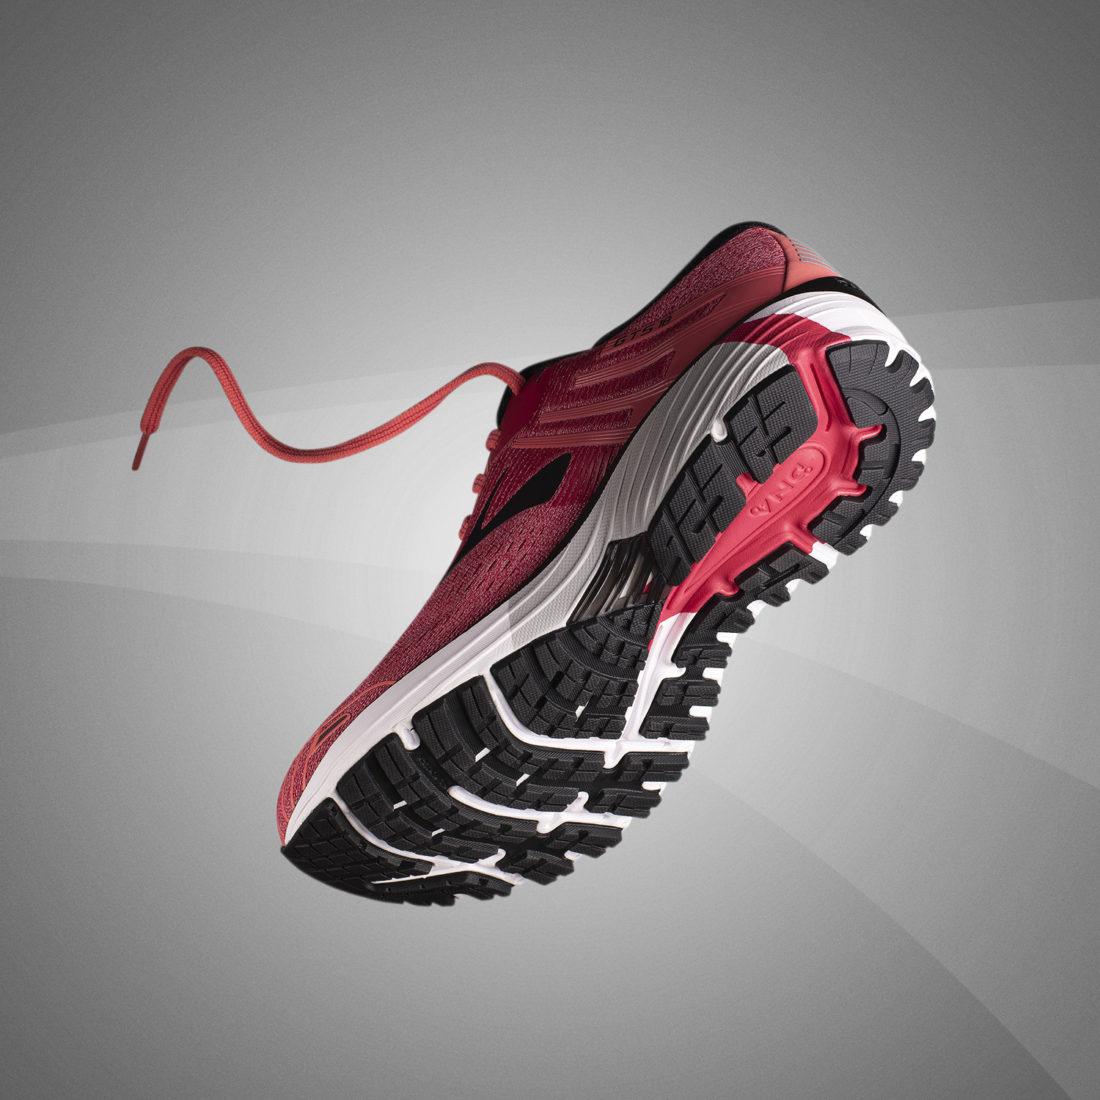 Fotografia still life per campagna pubblicitaria scarpa sportiva